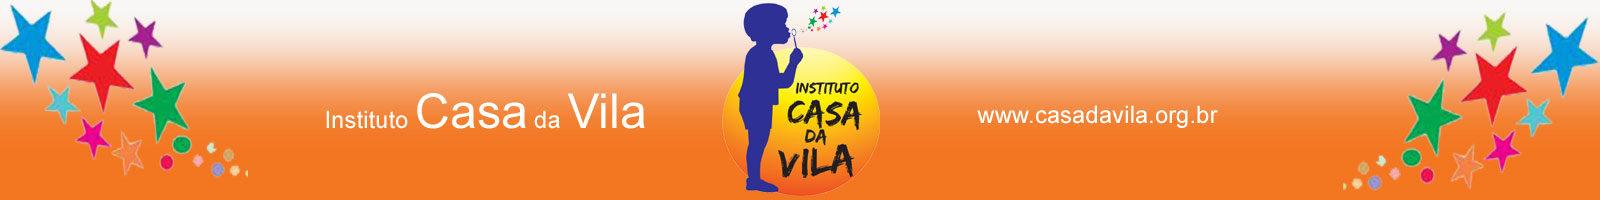 Instituição Casa da Vila